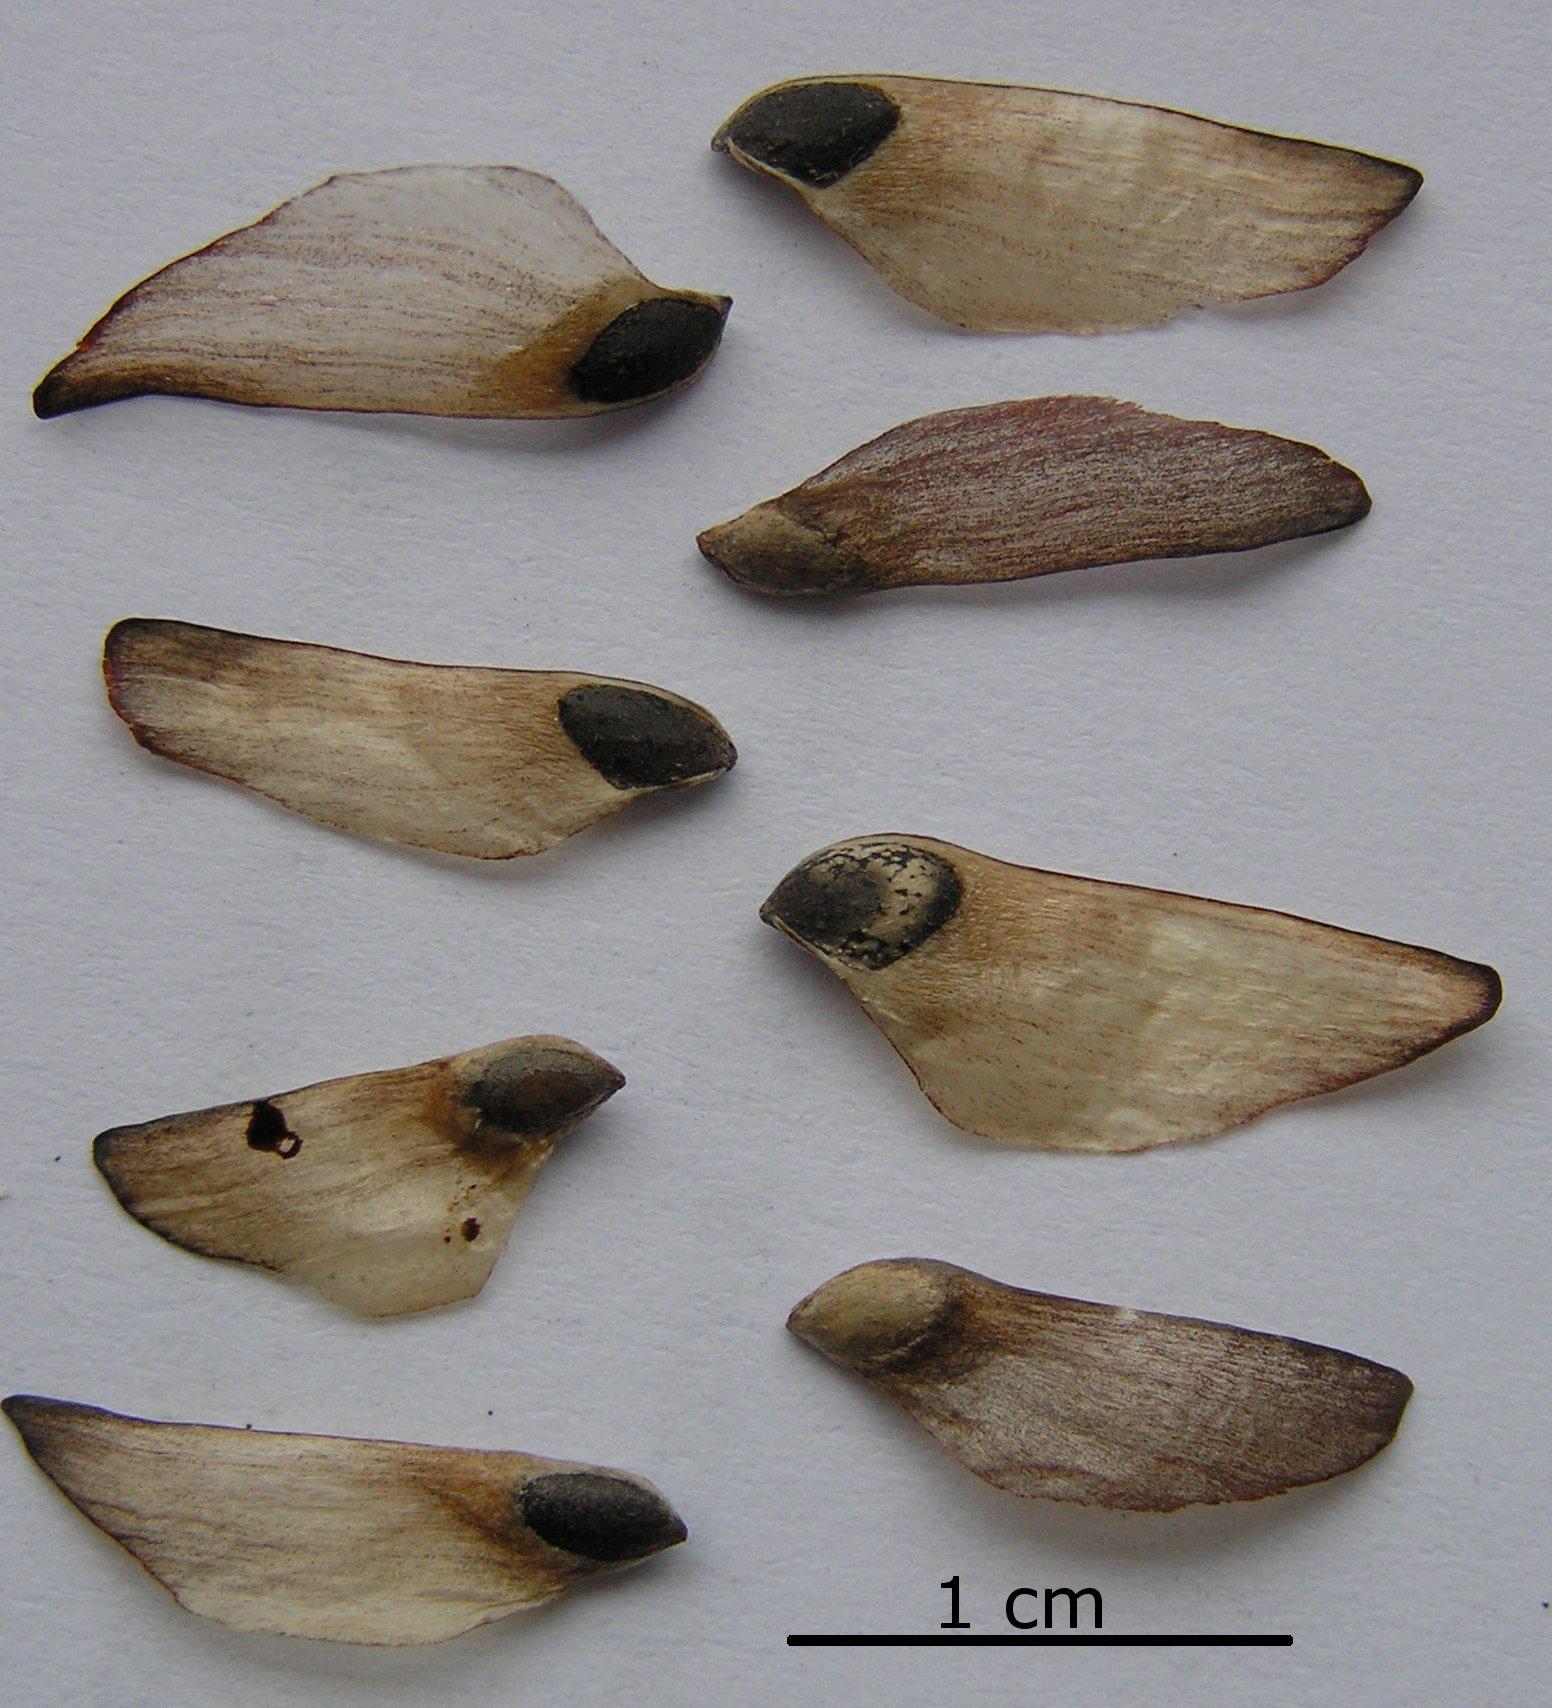 Species of UK: Week 10: Scots Pine (Pinus sylvestris)